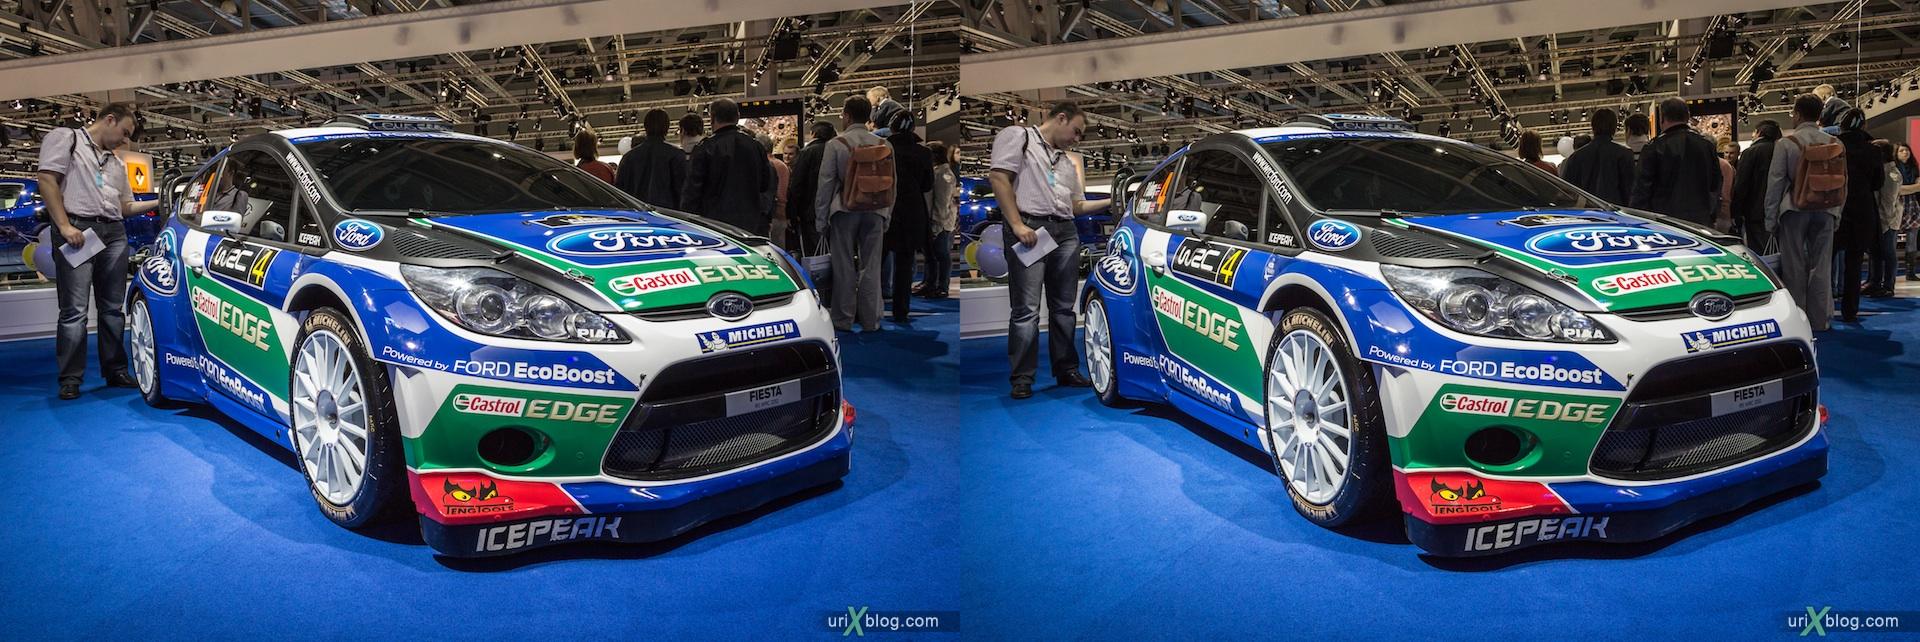 2012, Ford Fiesta, Московский международный автомобильный салон, ММАС, Крокус Экспо, 3D, стереопара